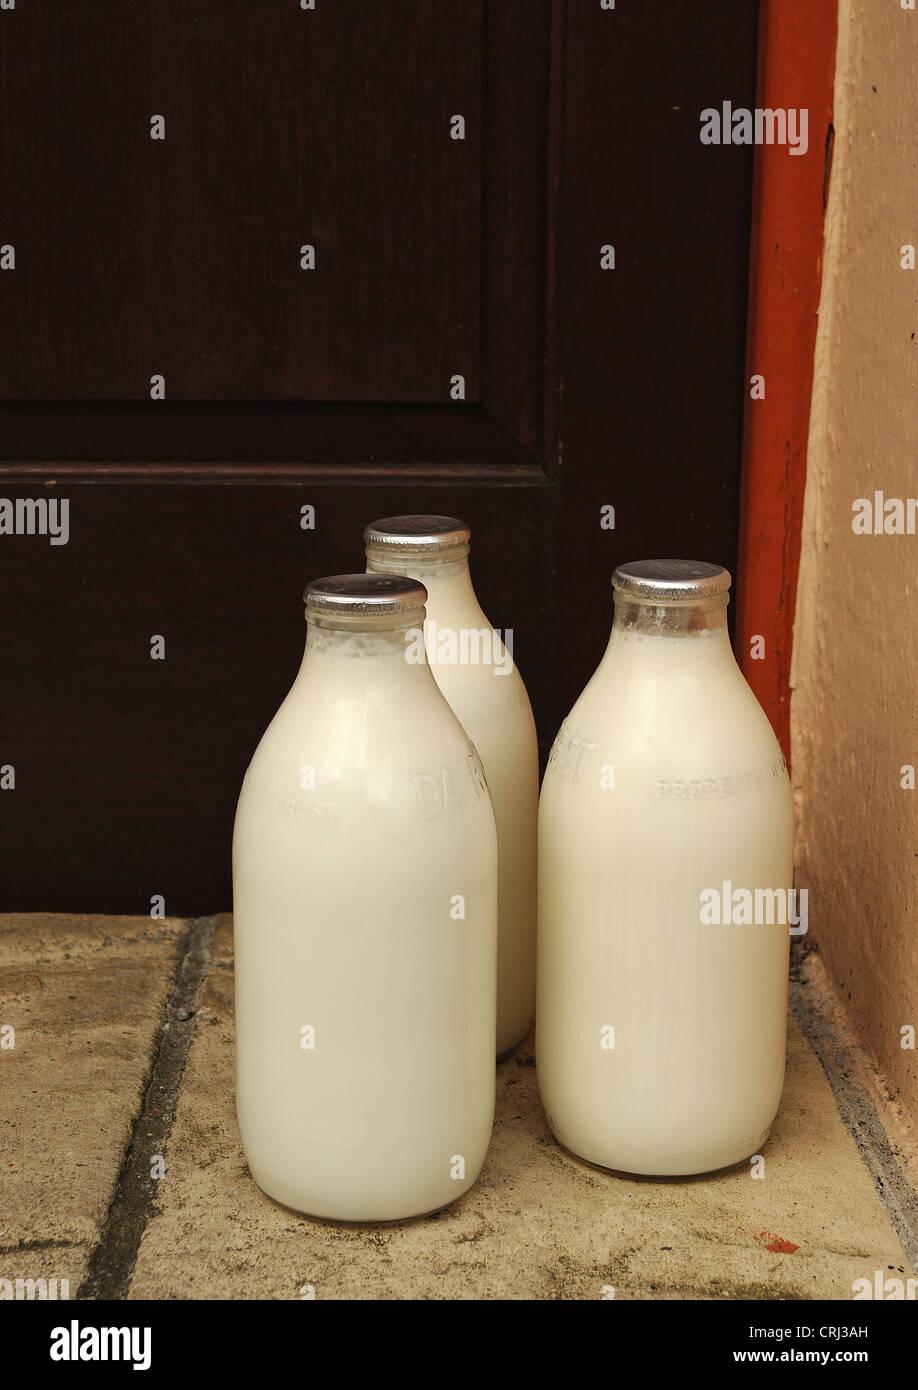 Bottiglie di latte su una porta Immagini Stock